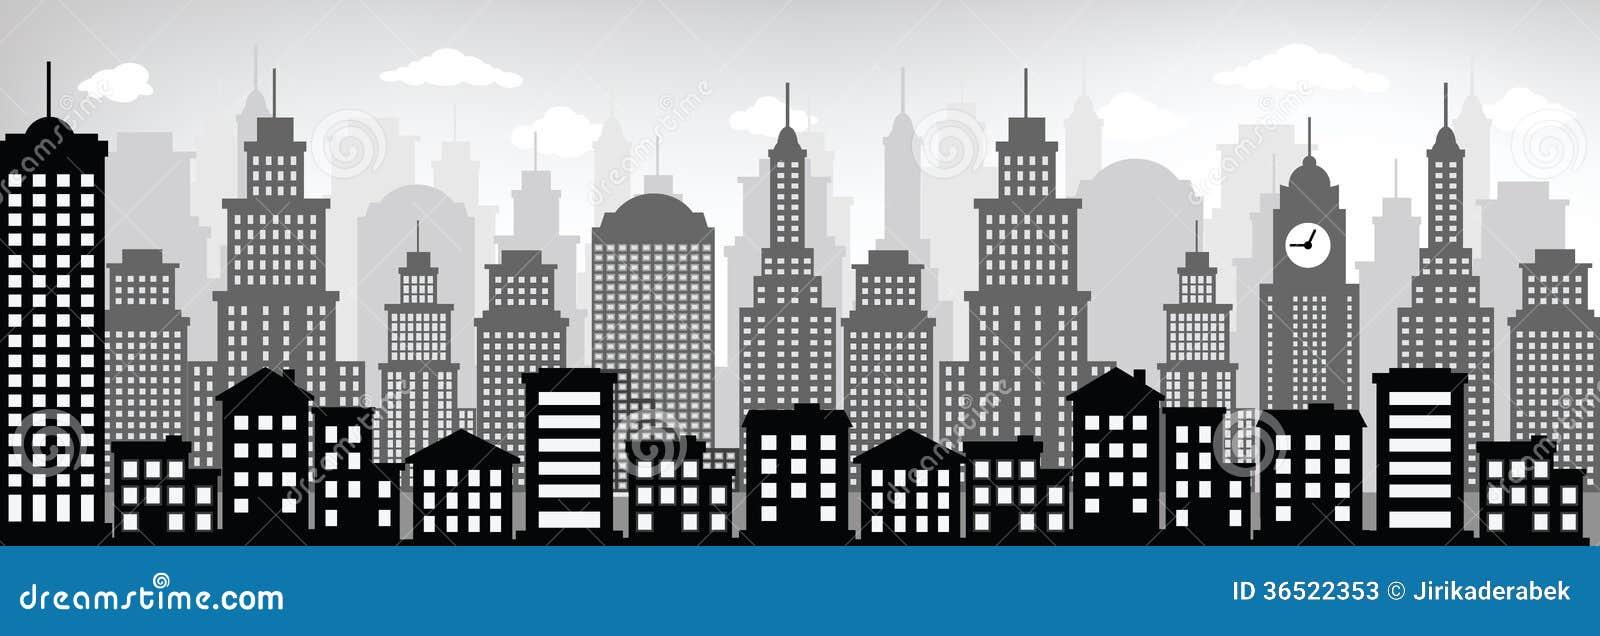 Imagenes De Edificios En Caricatura: Cityscape (black & White) Stock Photos